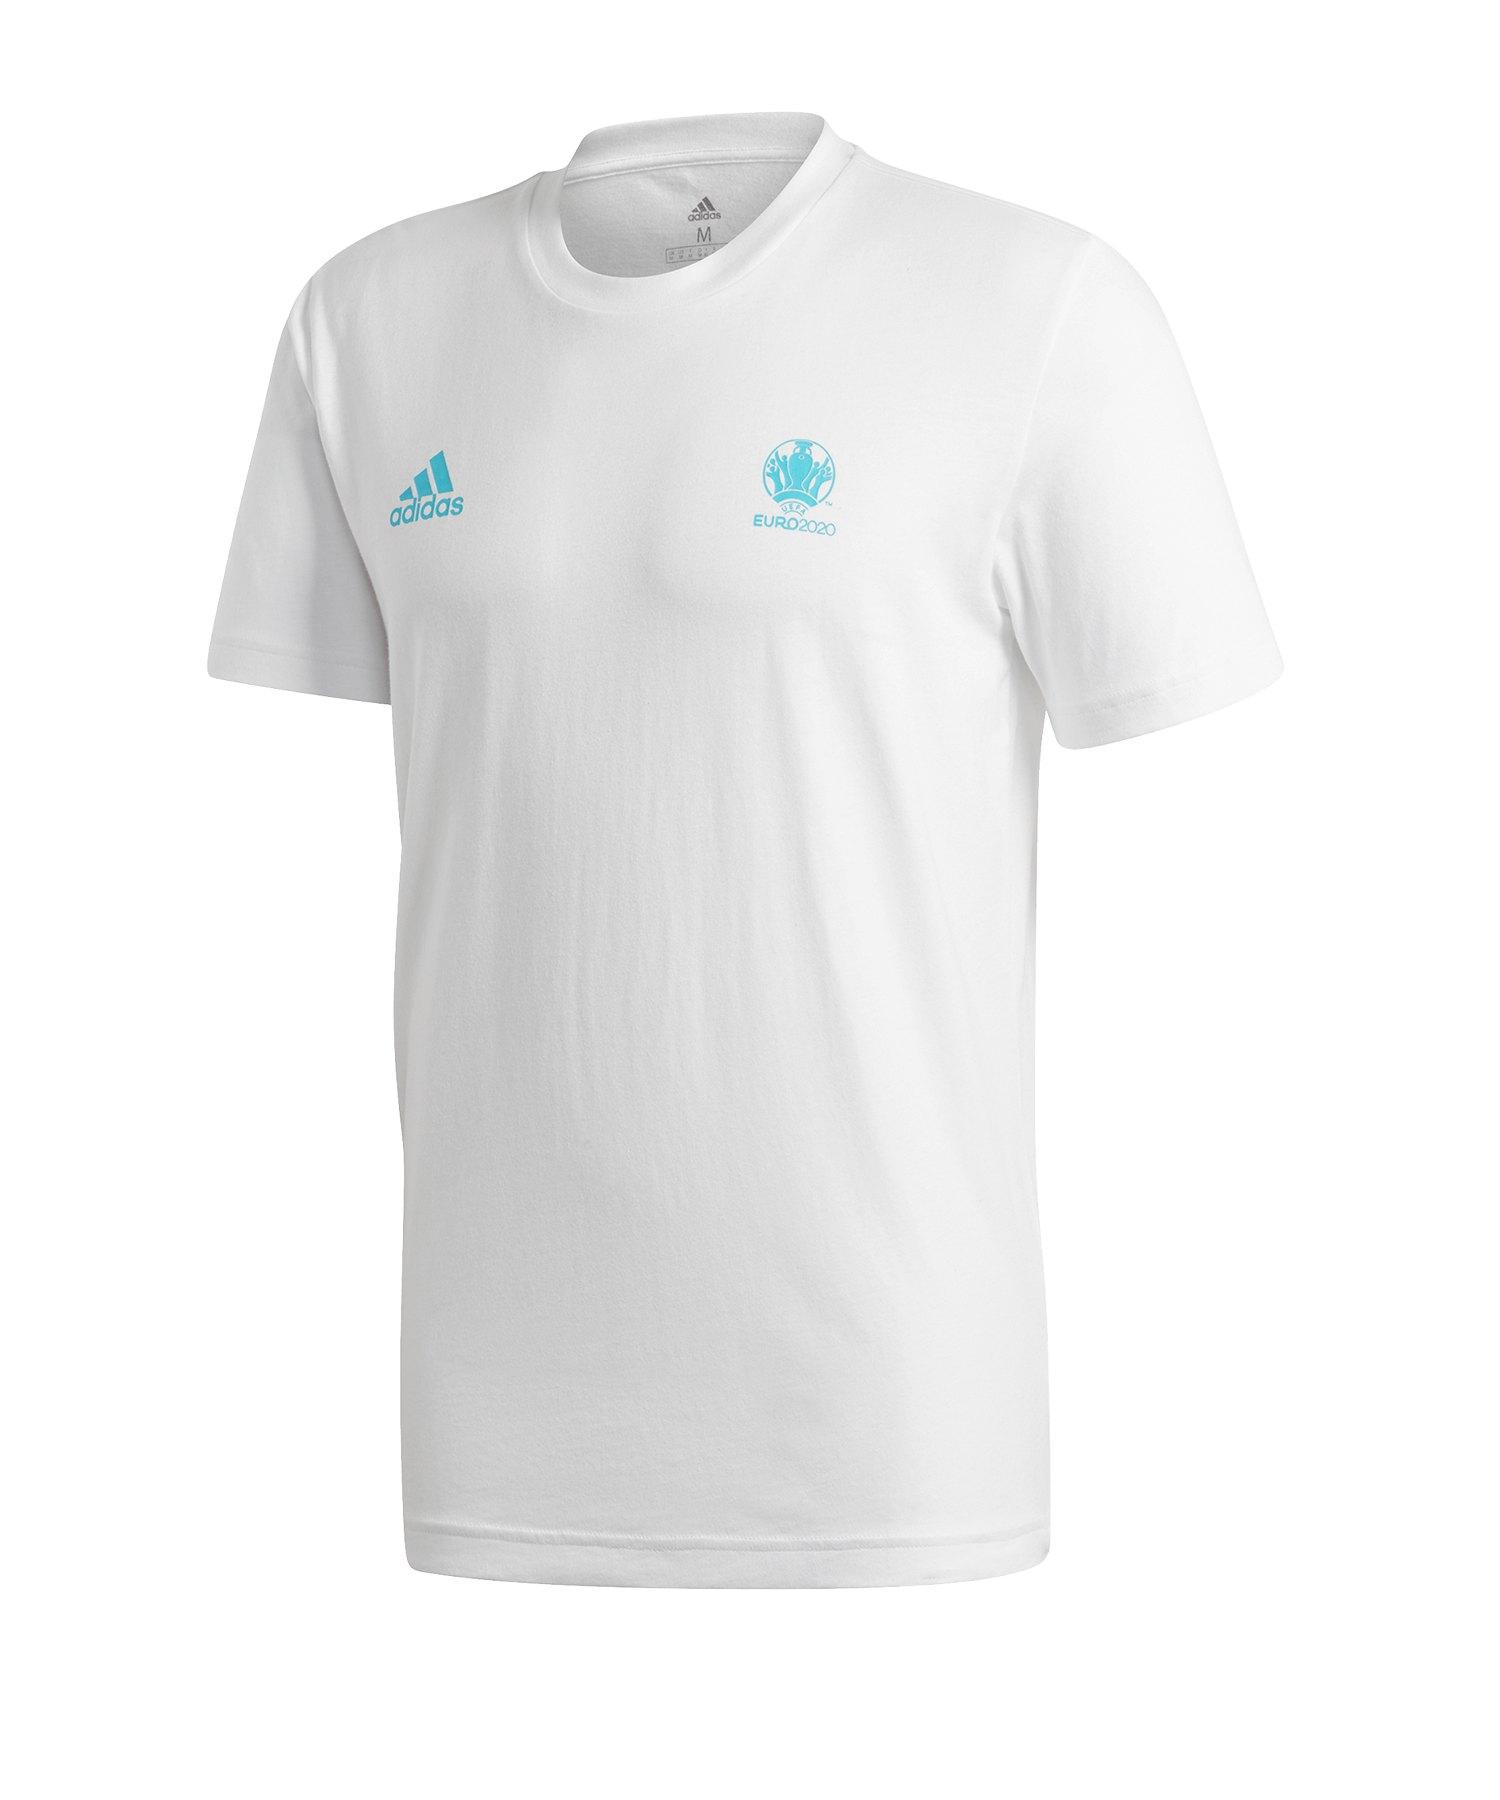 adidas EM 2020 Map T-Shirt Weiss - weiss